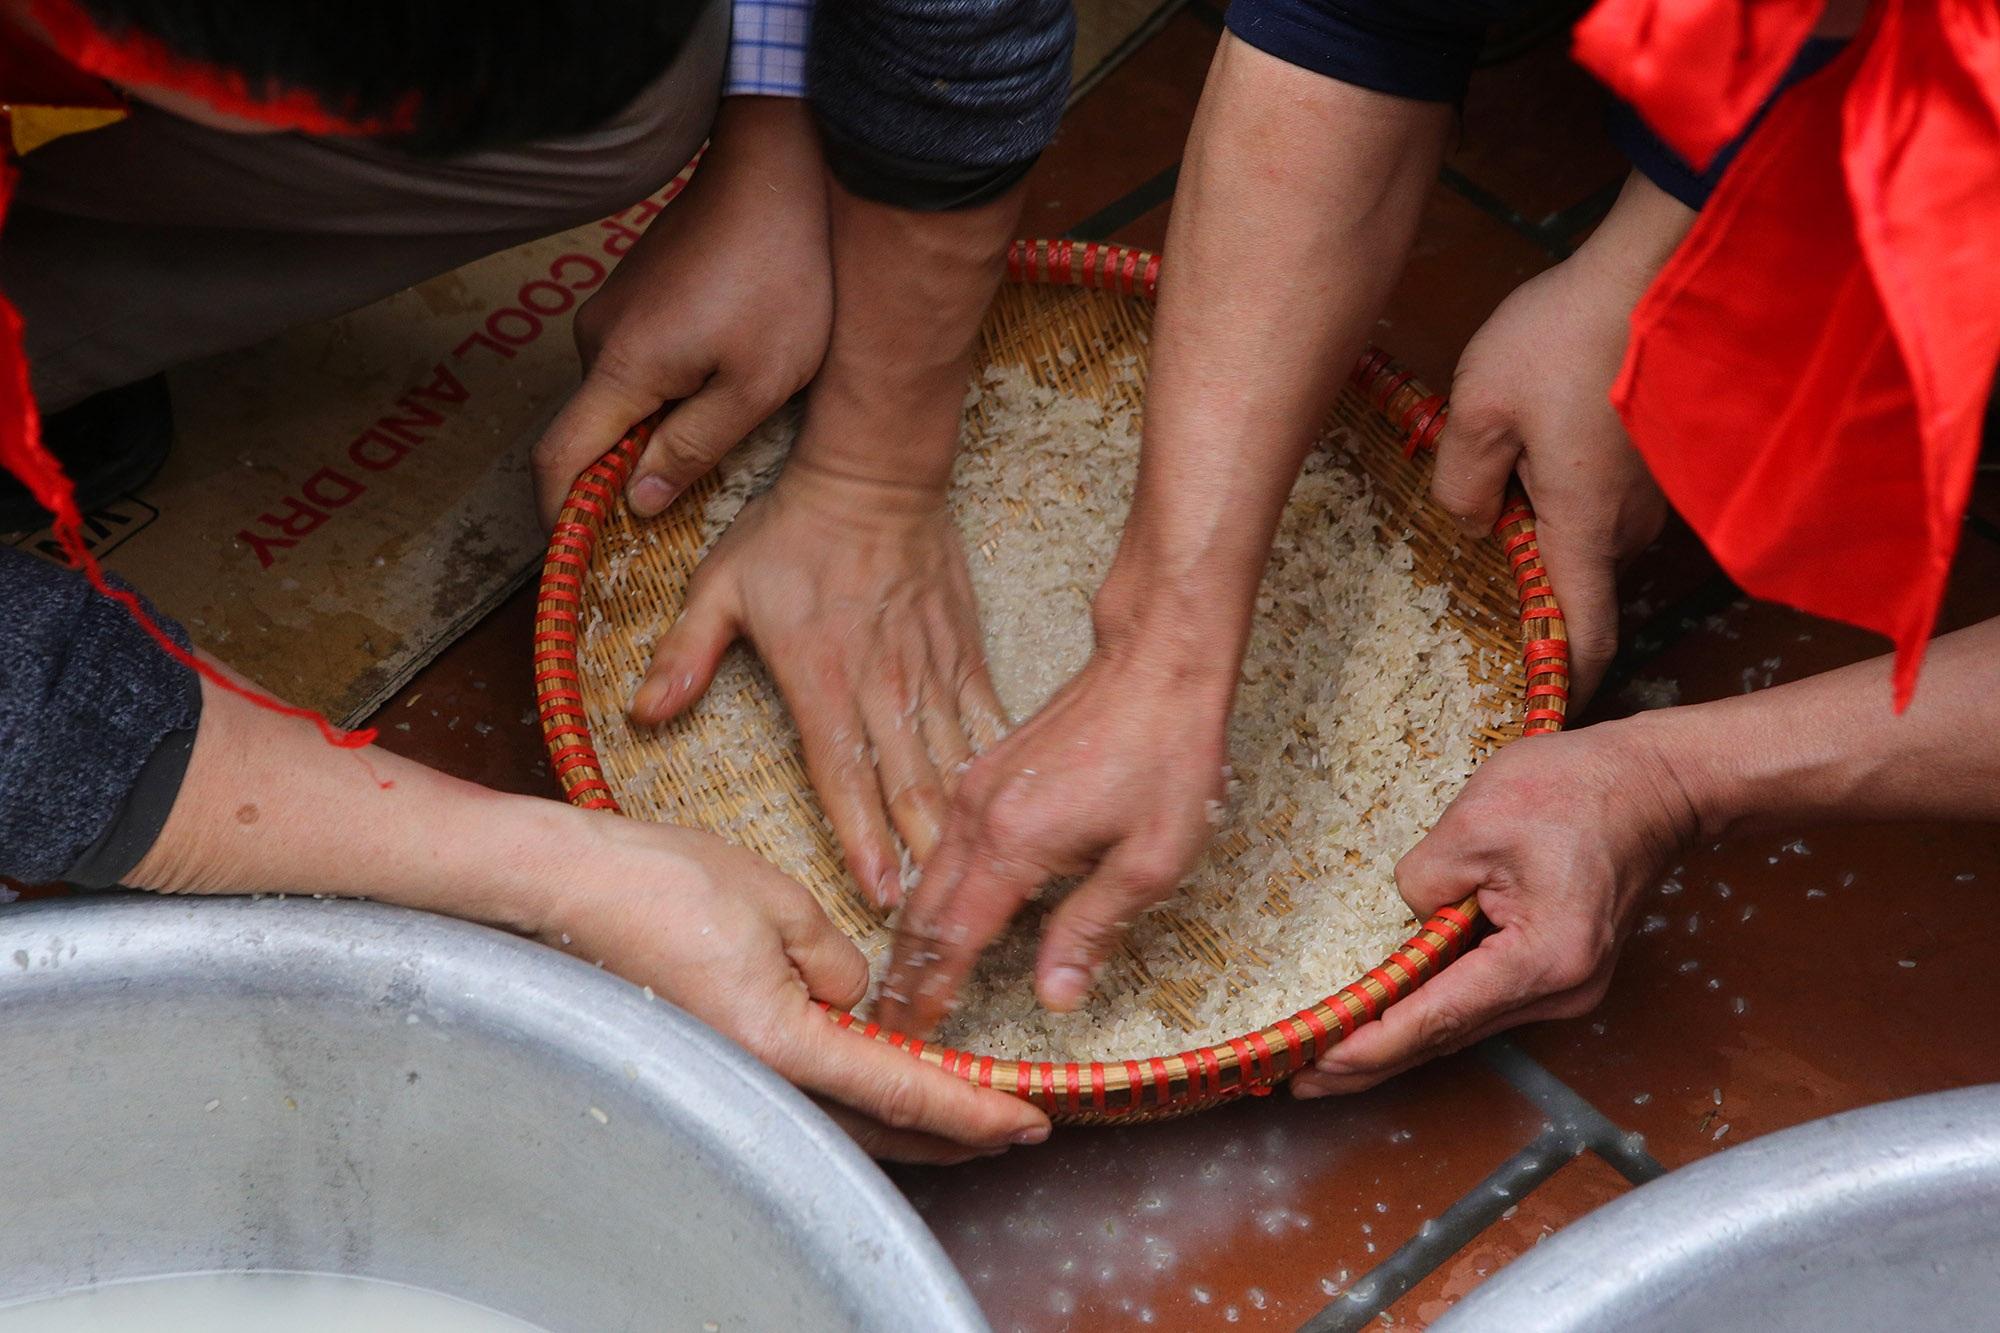 Hình ảnh đặc biệt trong lễ thổi cơm cổ xưa ít phút trước lệnh cấm vì virus corona - 8